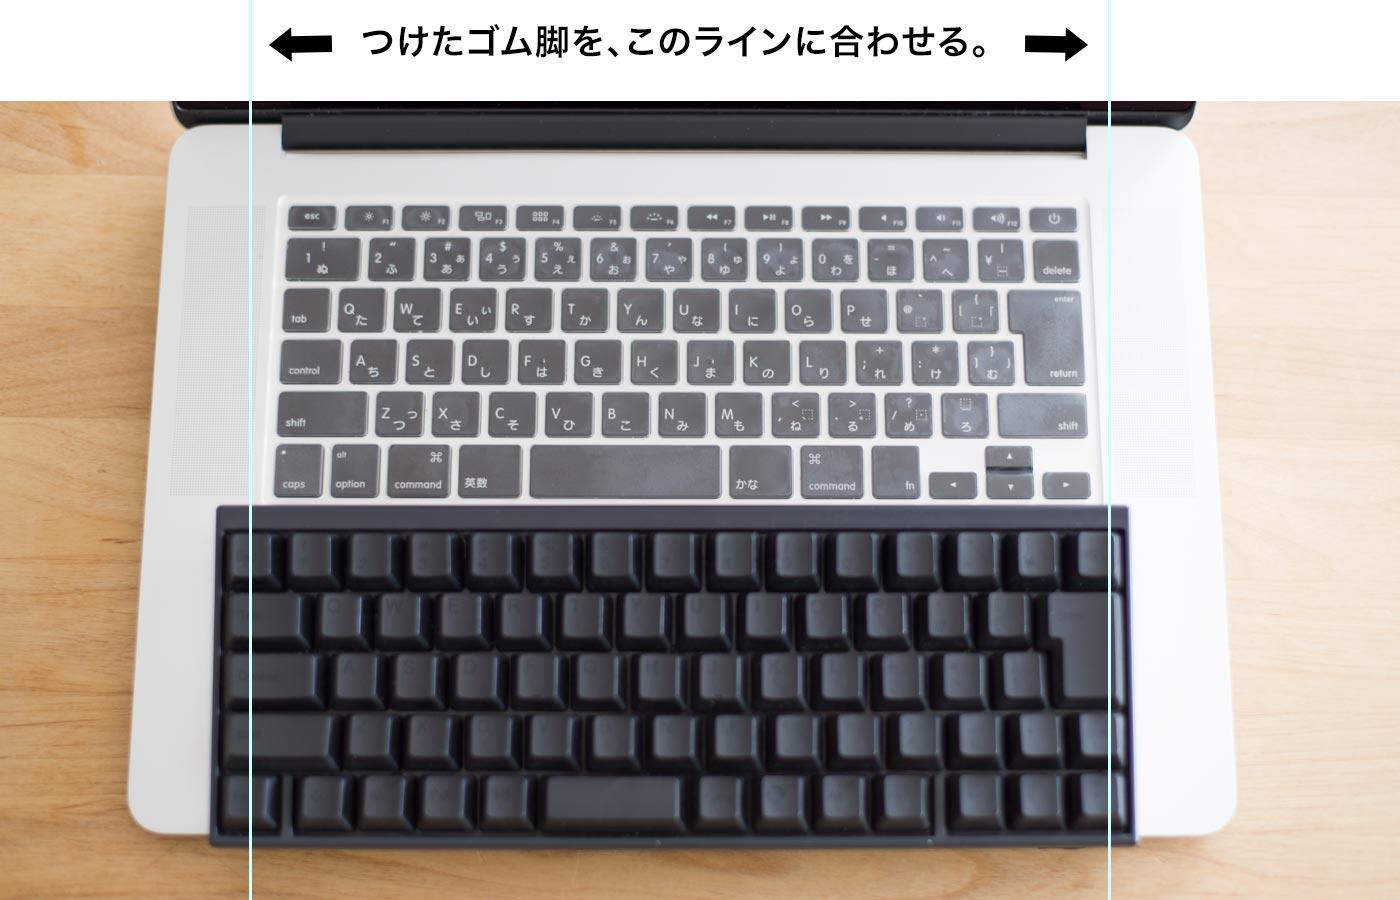 Macbook の キーに触れないように HHKBをおいてください